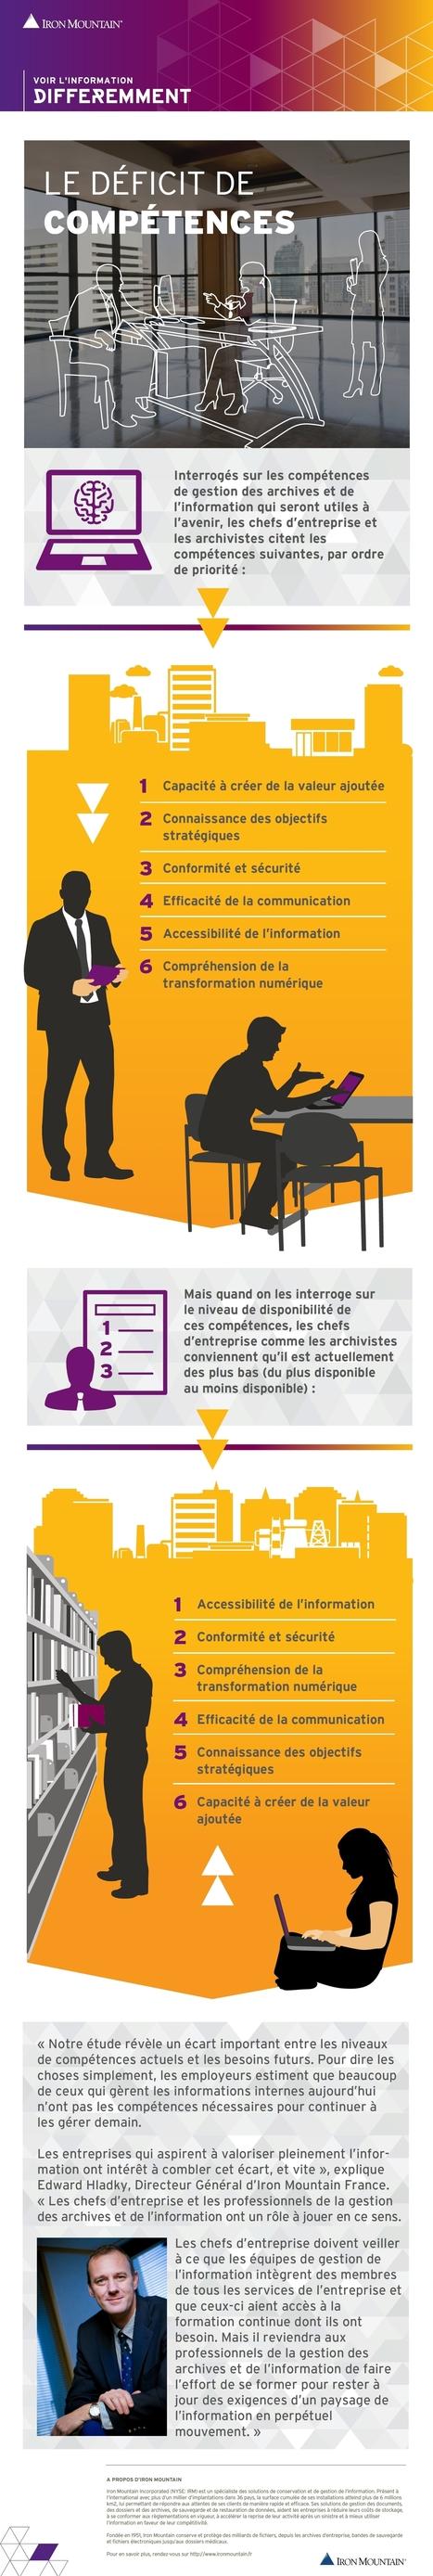 Les dirigeants identifient un déficit de compétences des salariés chargés de gérer l'information I Laurent Leloup | Entretiens Professionnels | Scoop.it